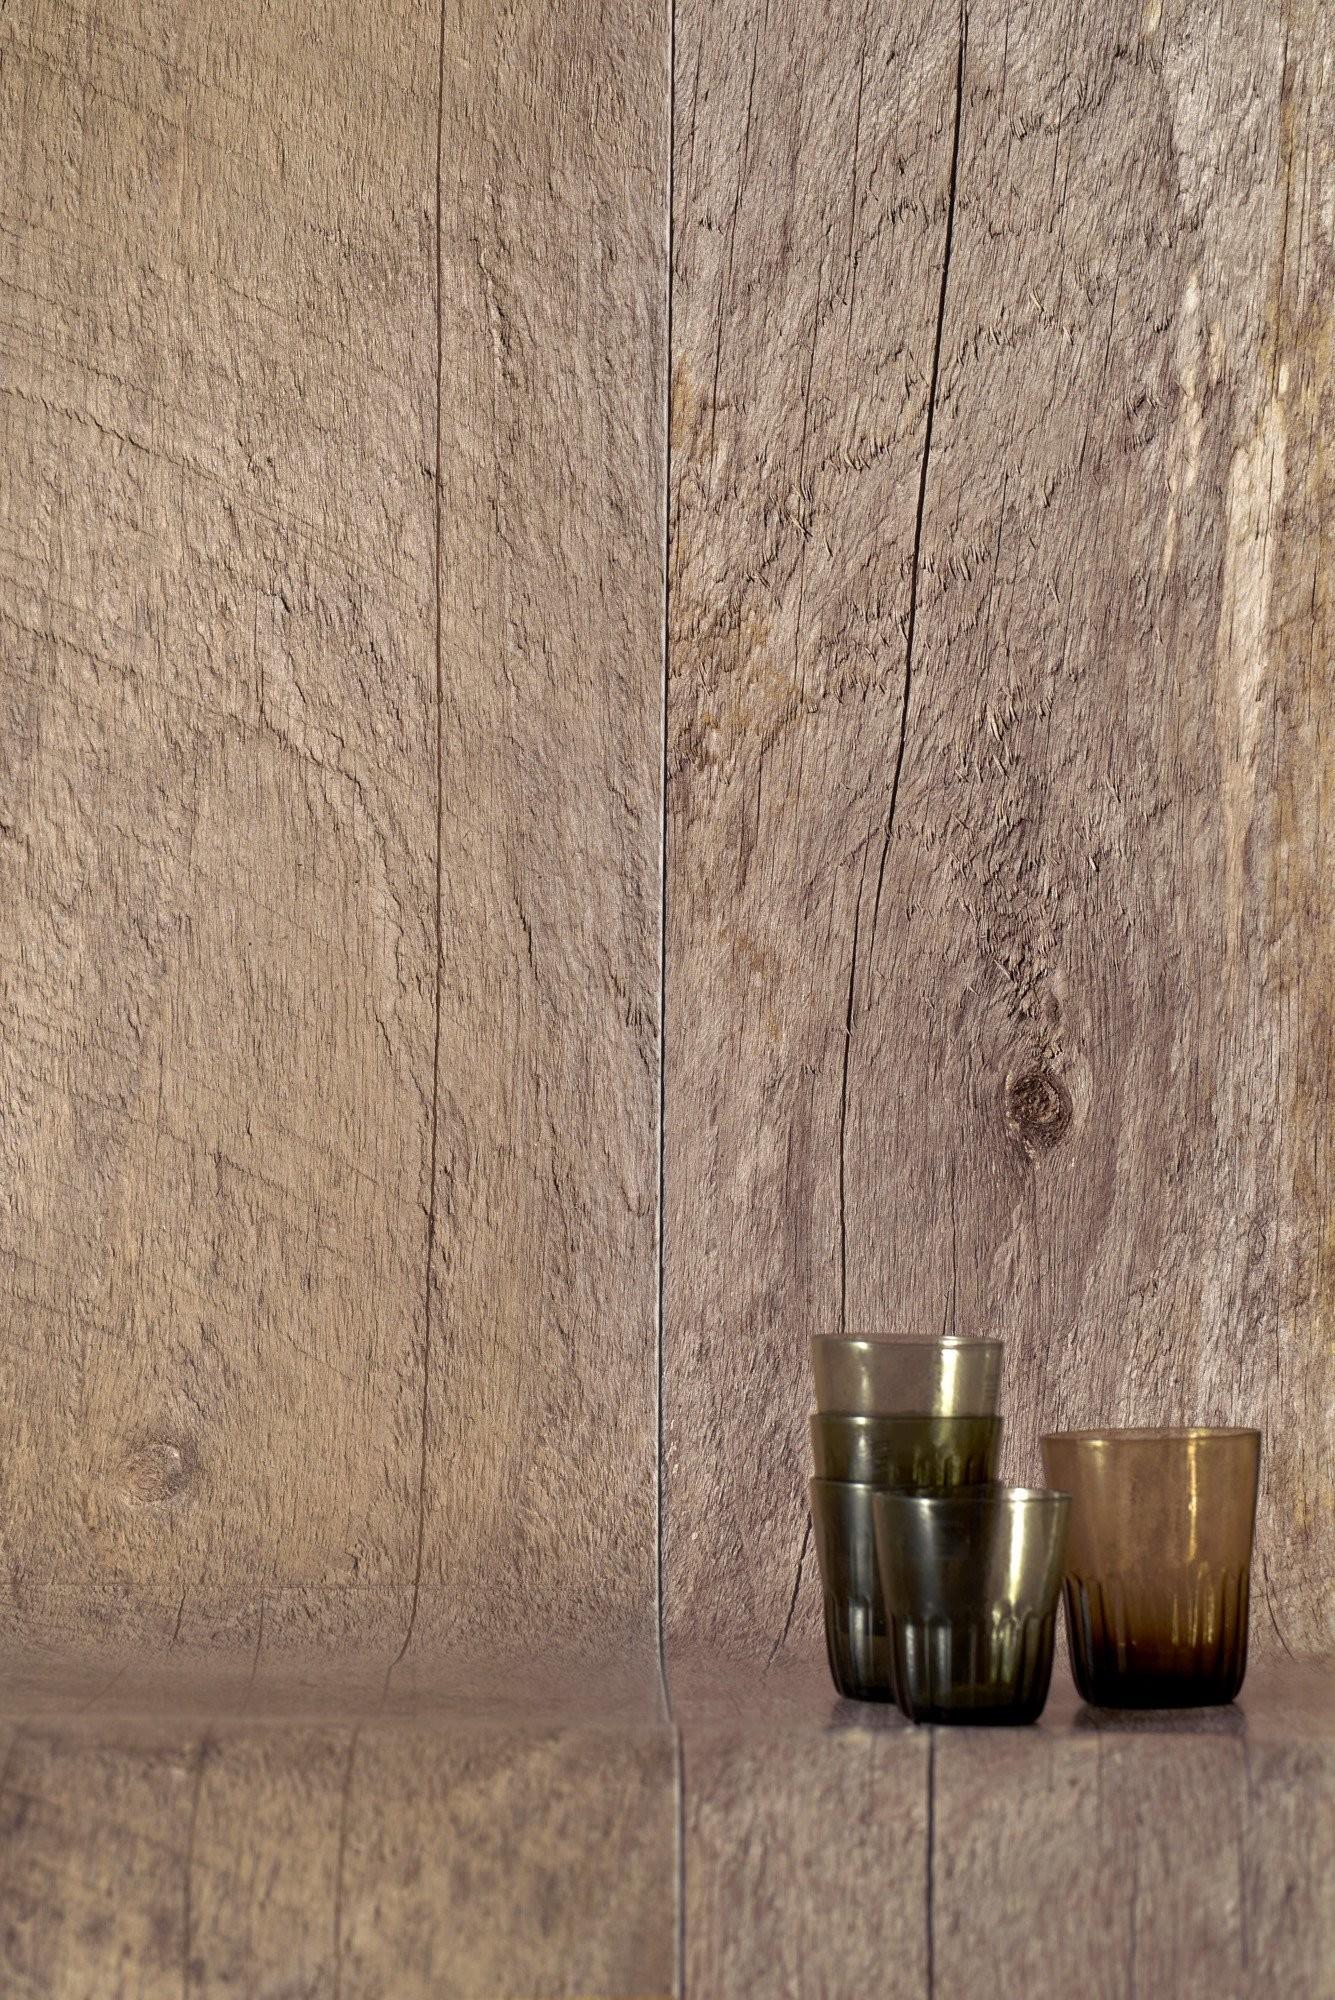 Barn Wood Natural Wallpaper